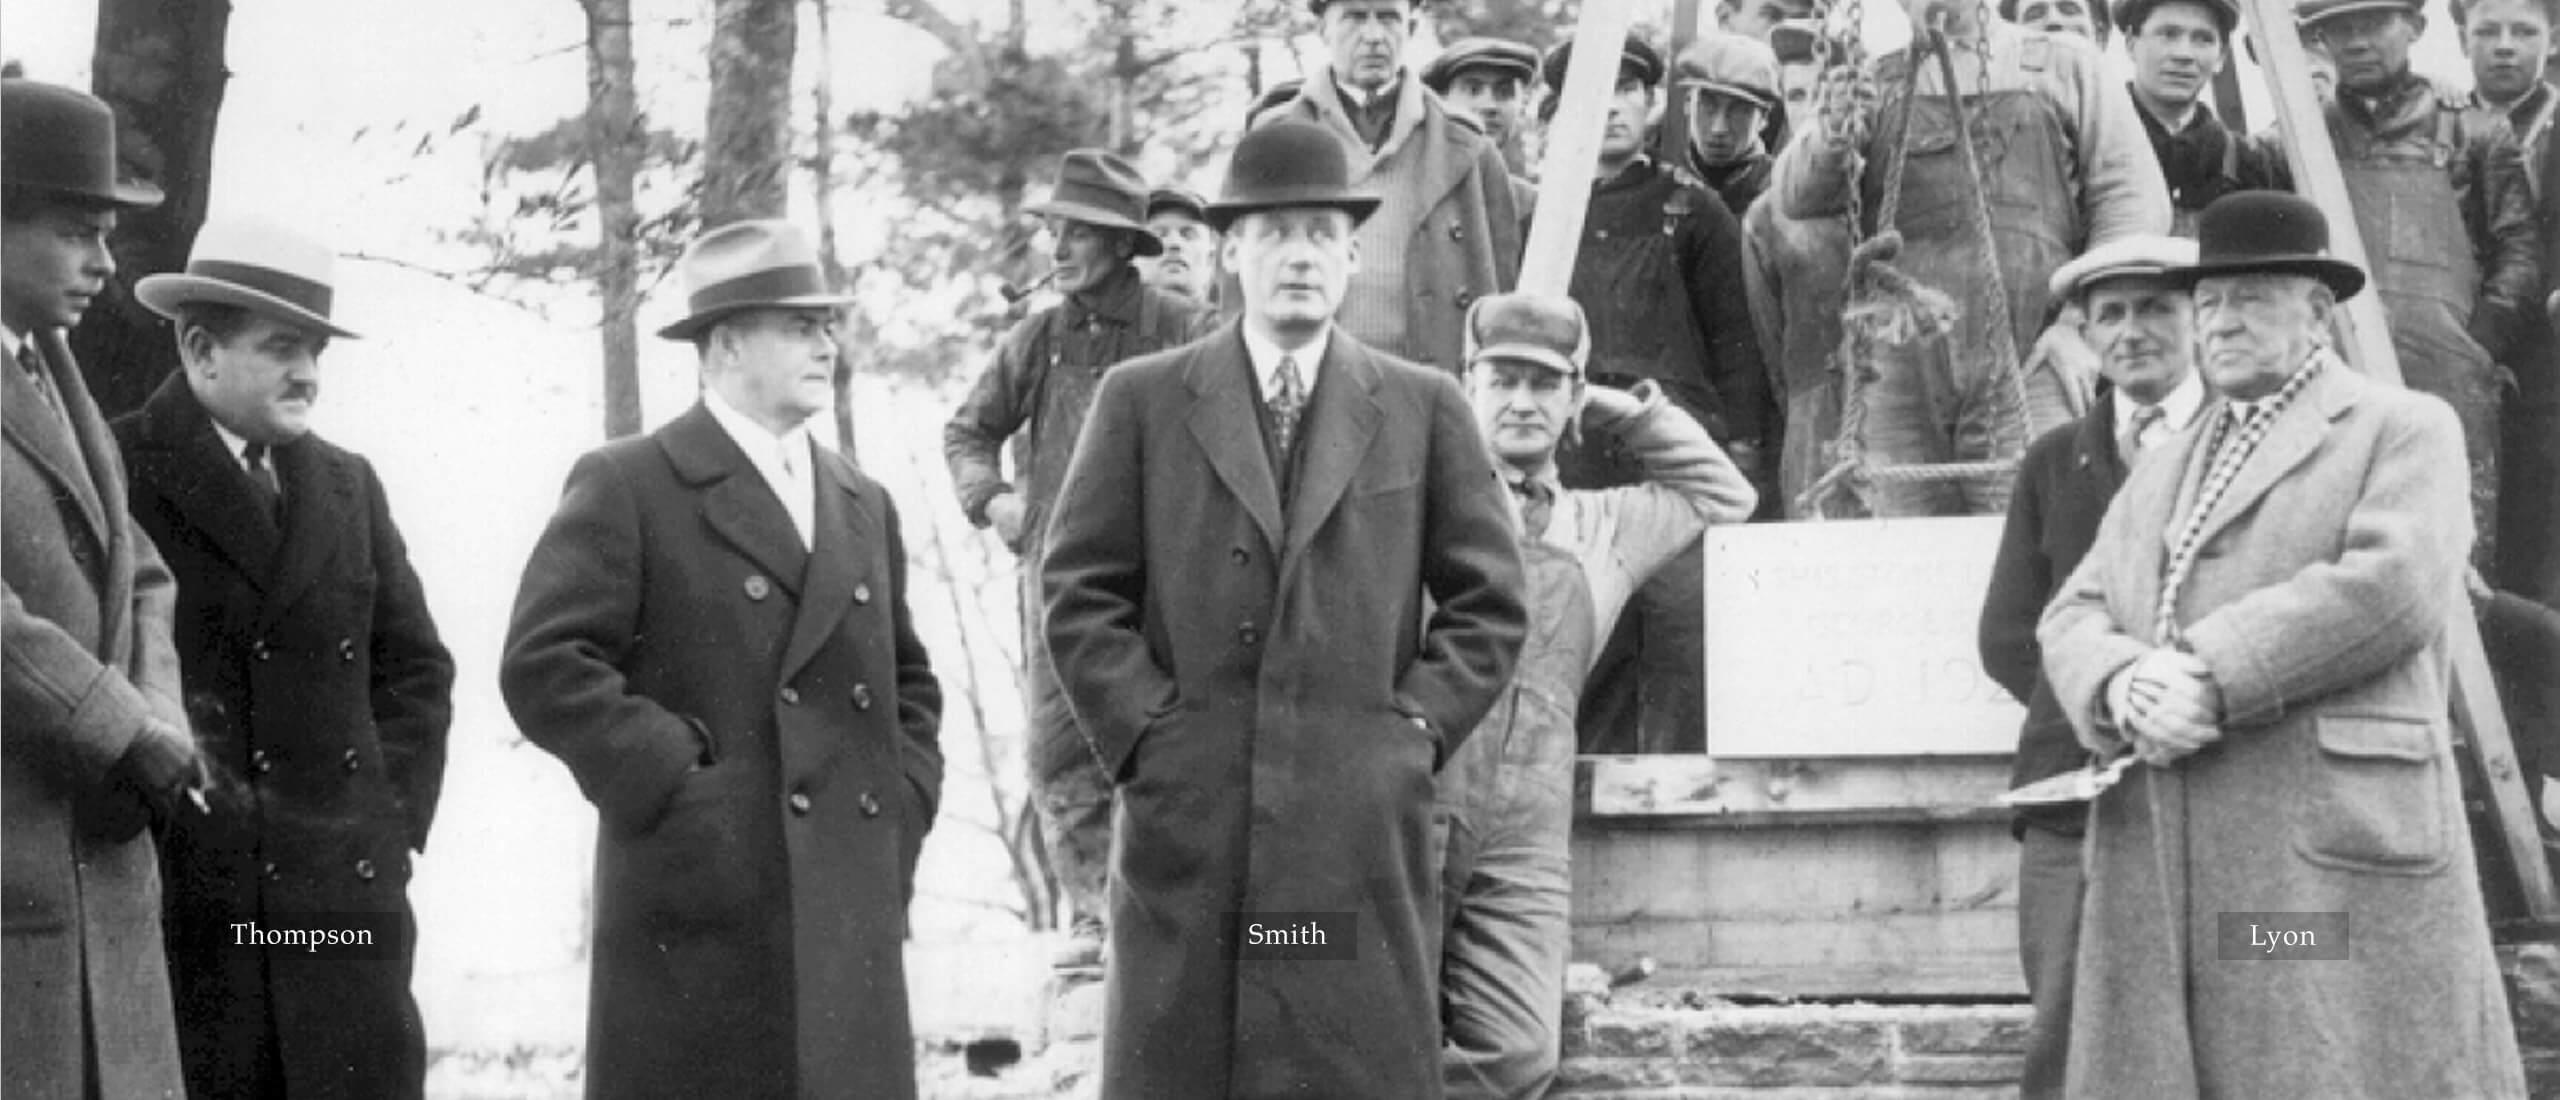 The 1929 Trio – Thompson, Smith & Lyon